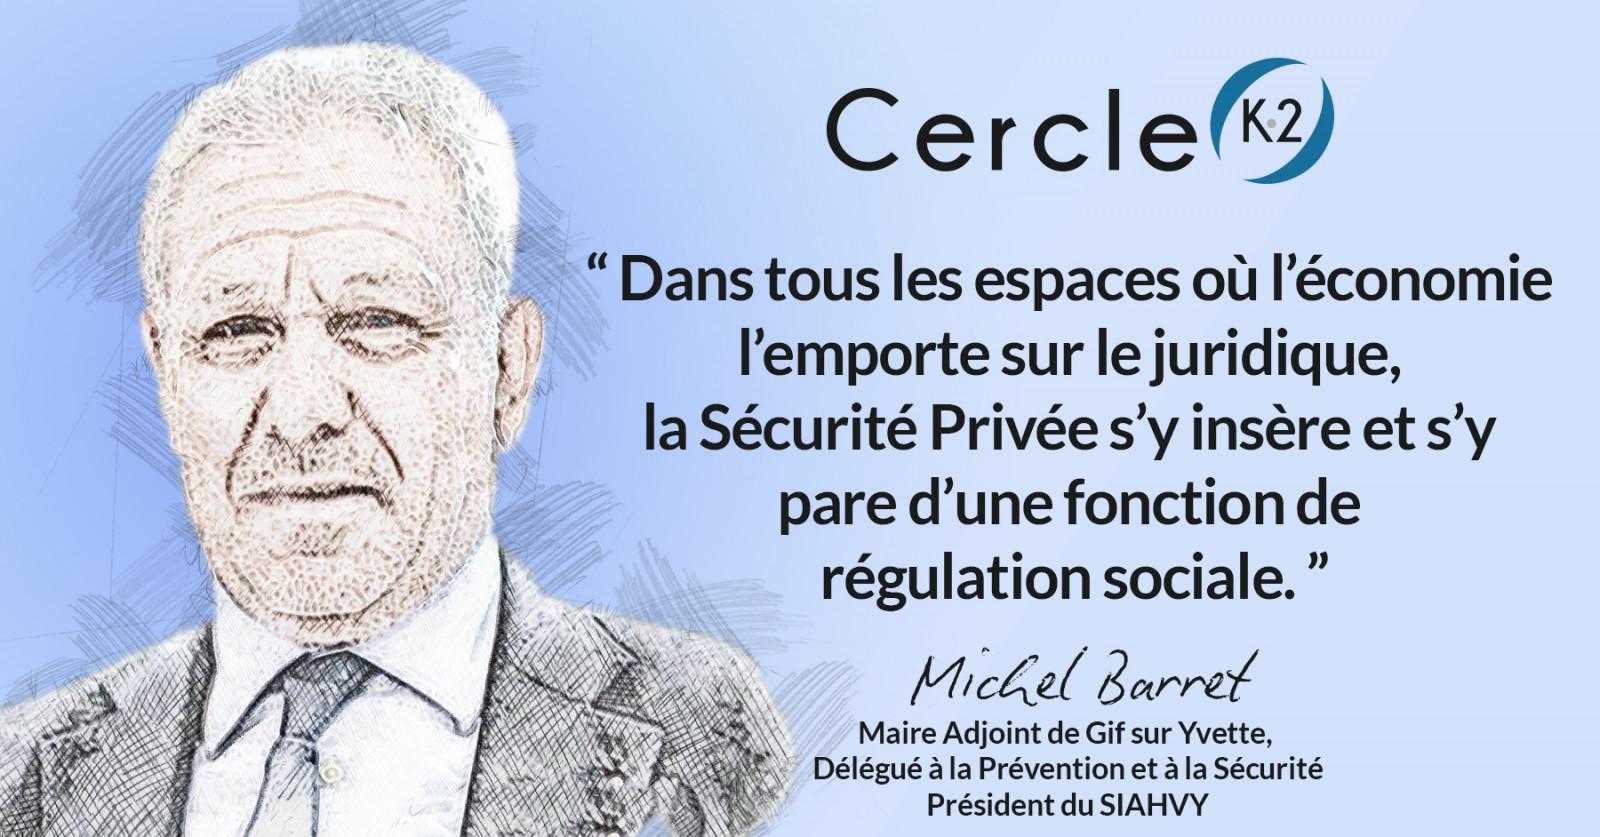 Sécurité publique et Sécurité privée... une alliance pragmatique au service de l'intérêt général ! - Cercle K2